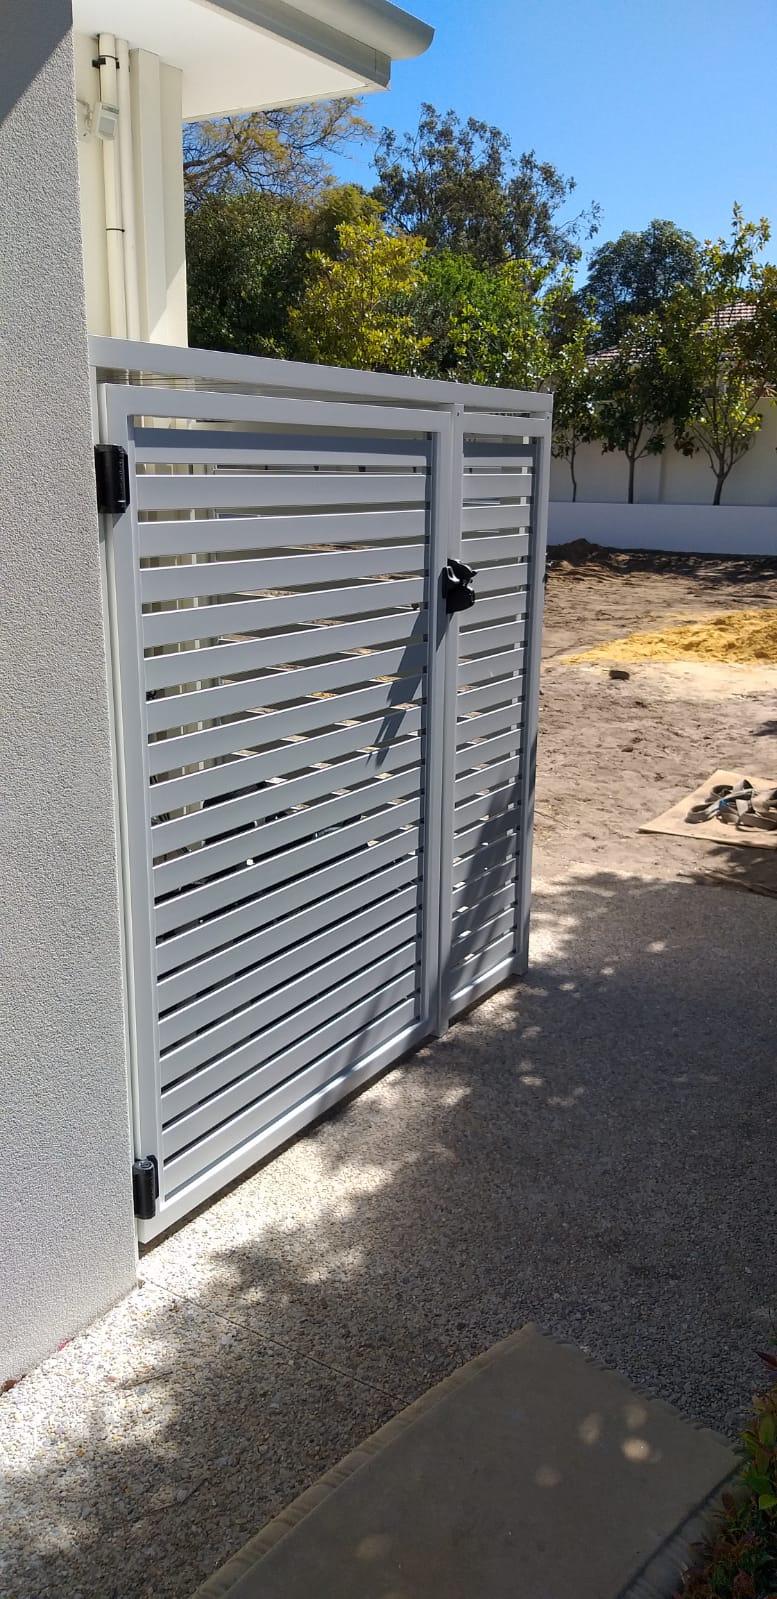 Pool pump and Aircon enclosure -side